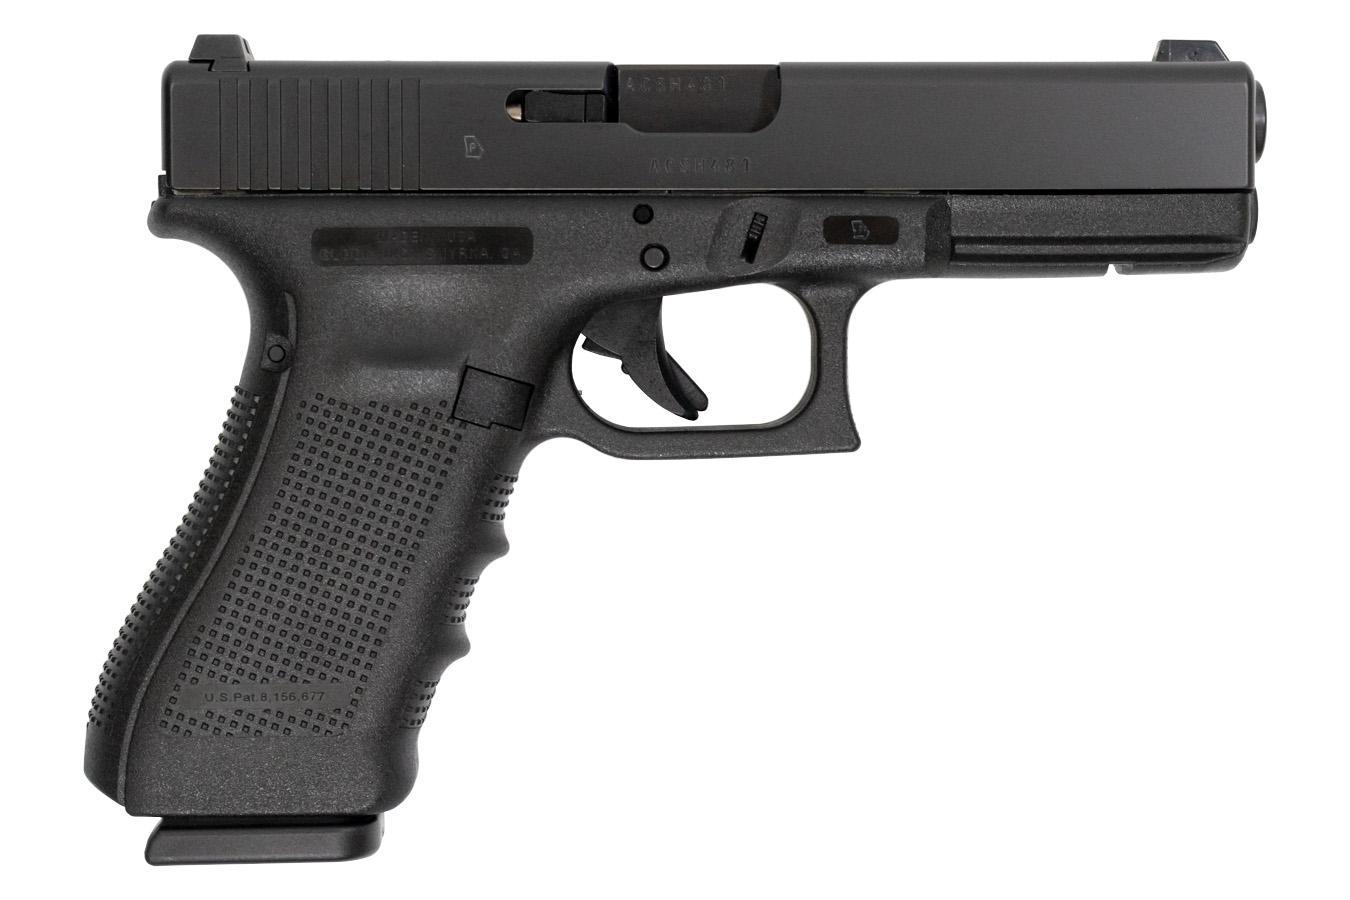 Glock 17 Gen4 9mm 17-Round Pistol (Made In USA) | Vance ...